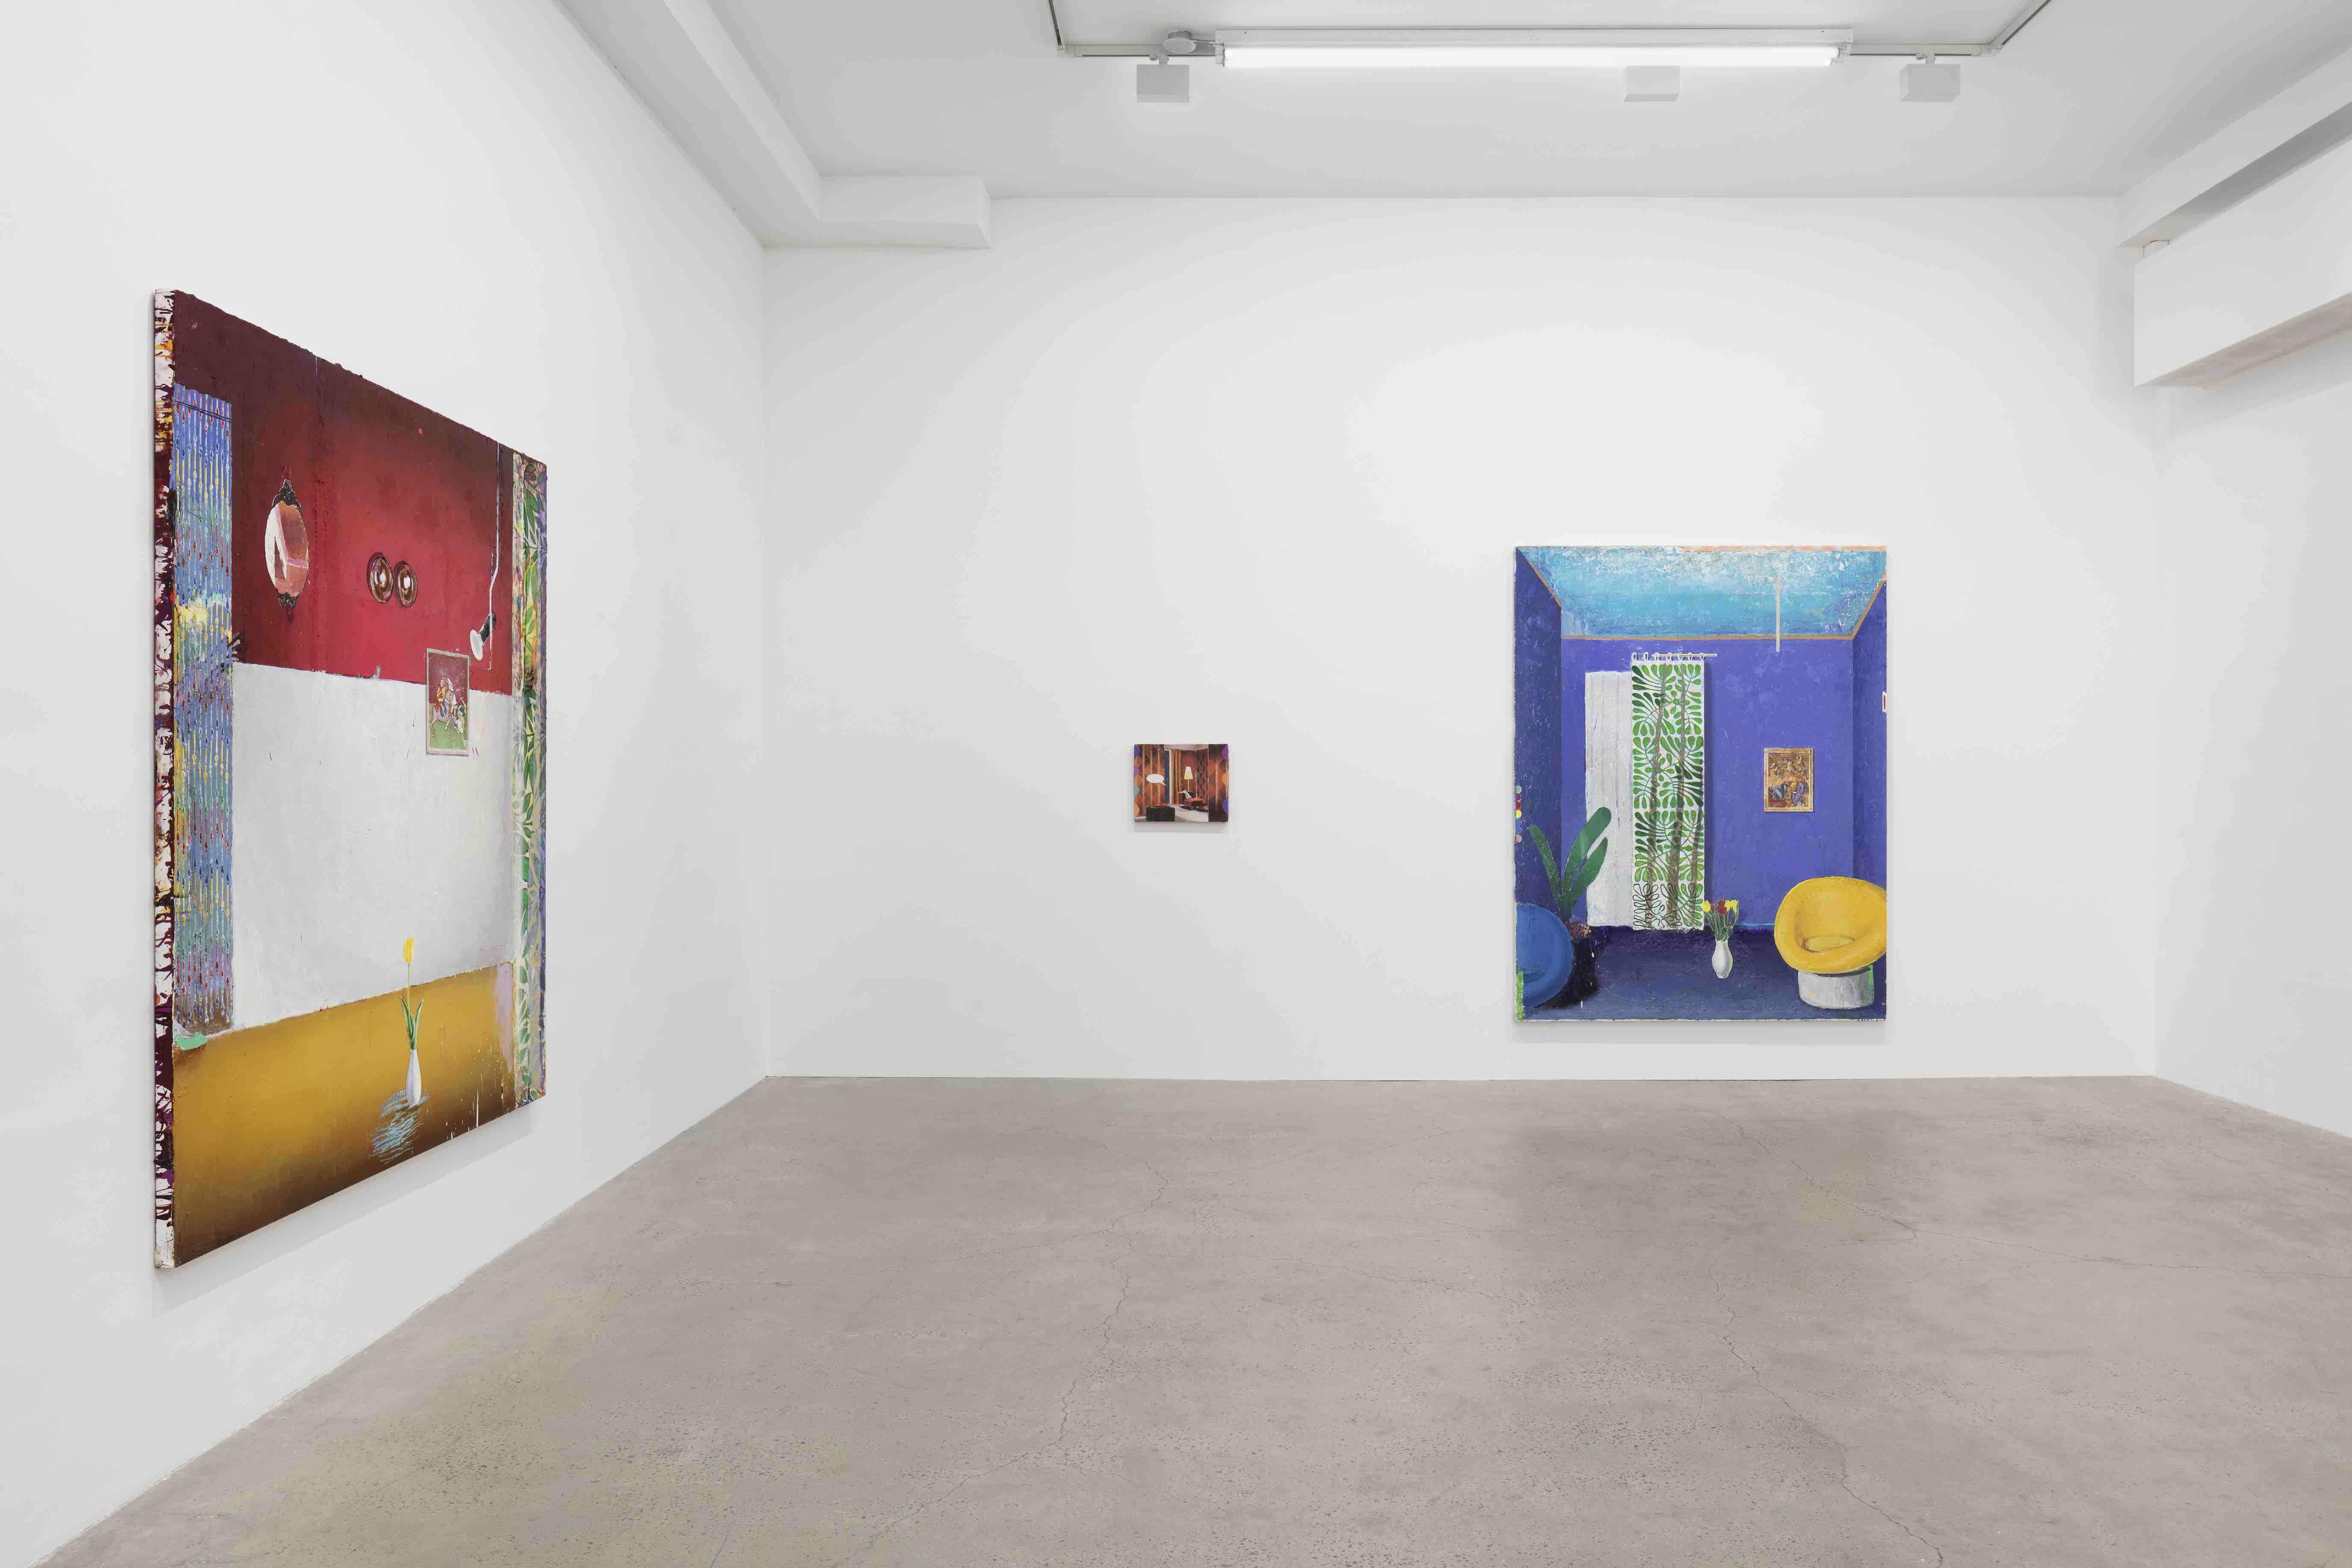 'Matthias Weischer, Stage, Installation View, GRIMM, New York, 2020. Photos by Pierre Le Hors'